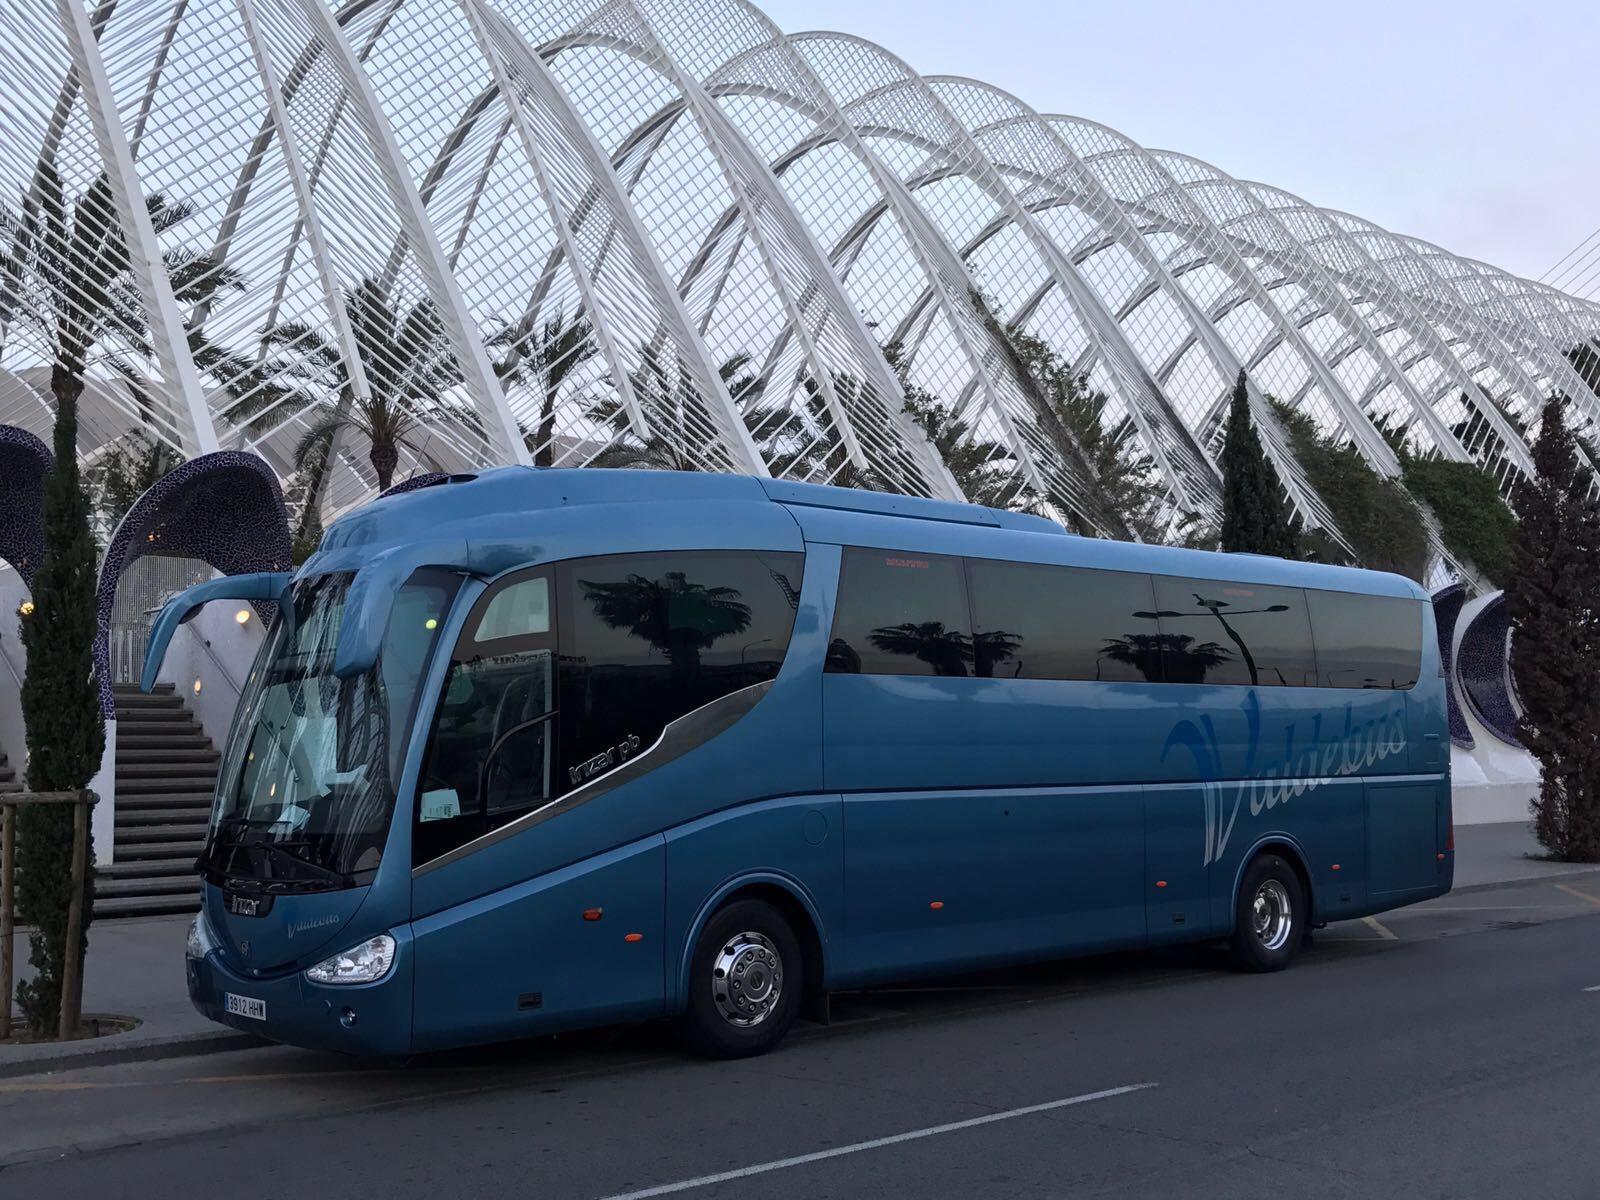 Alquiler de autocares para rutas turísticas